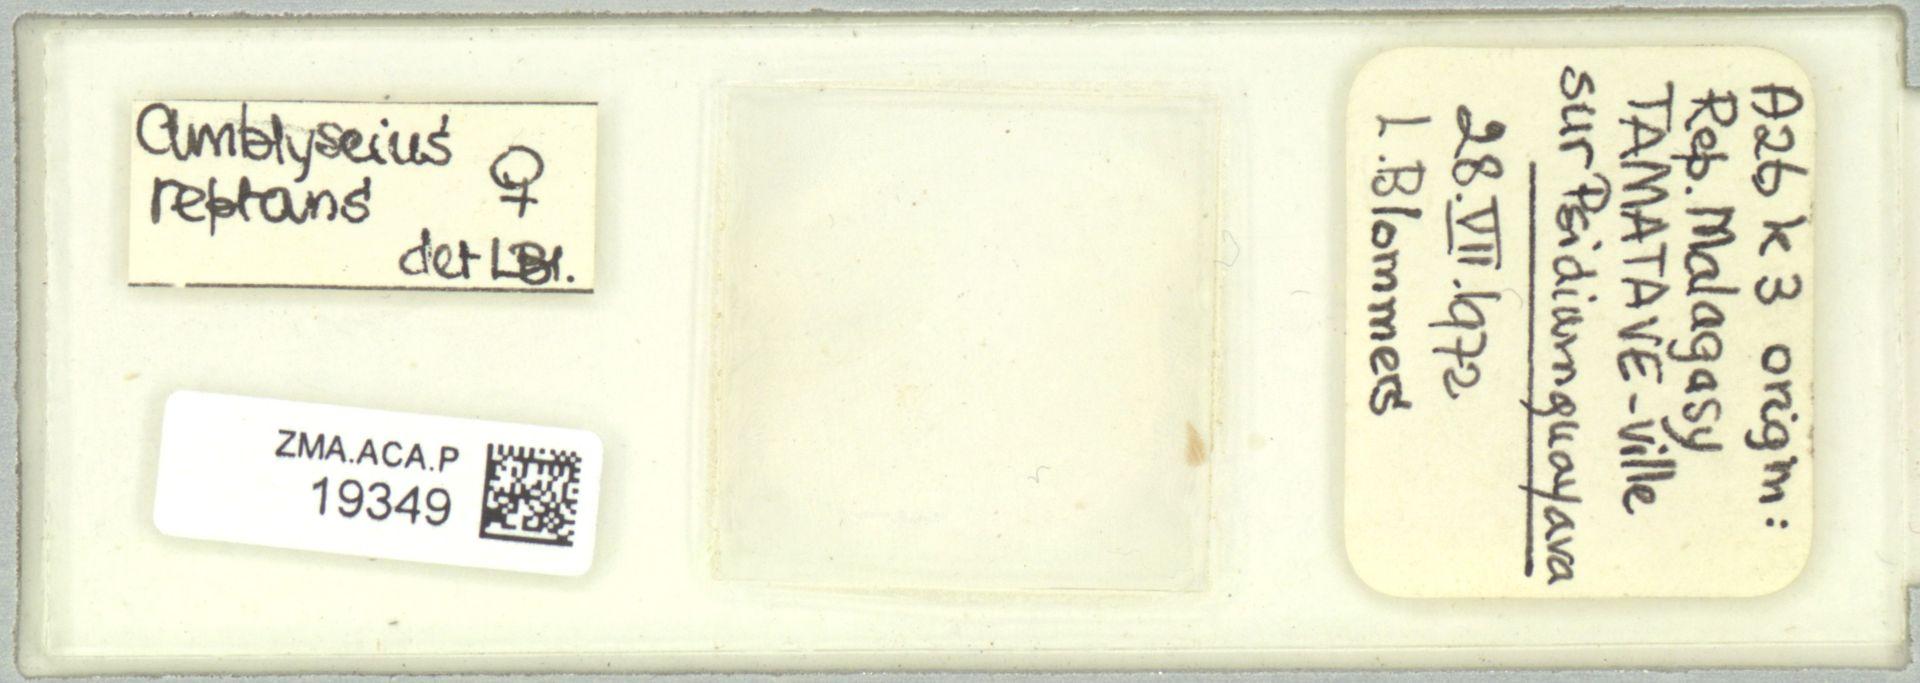 ZMA.ACA.P.19349   Scapulaseius reptans (Blommers, 1974)